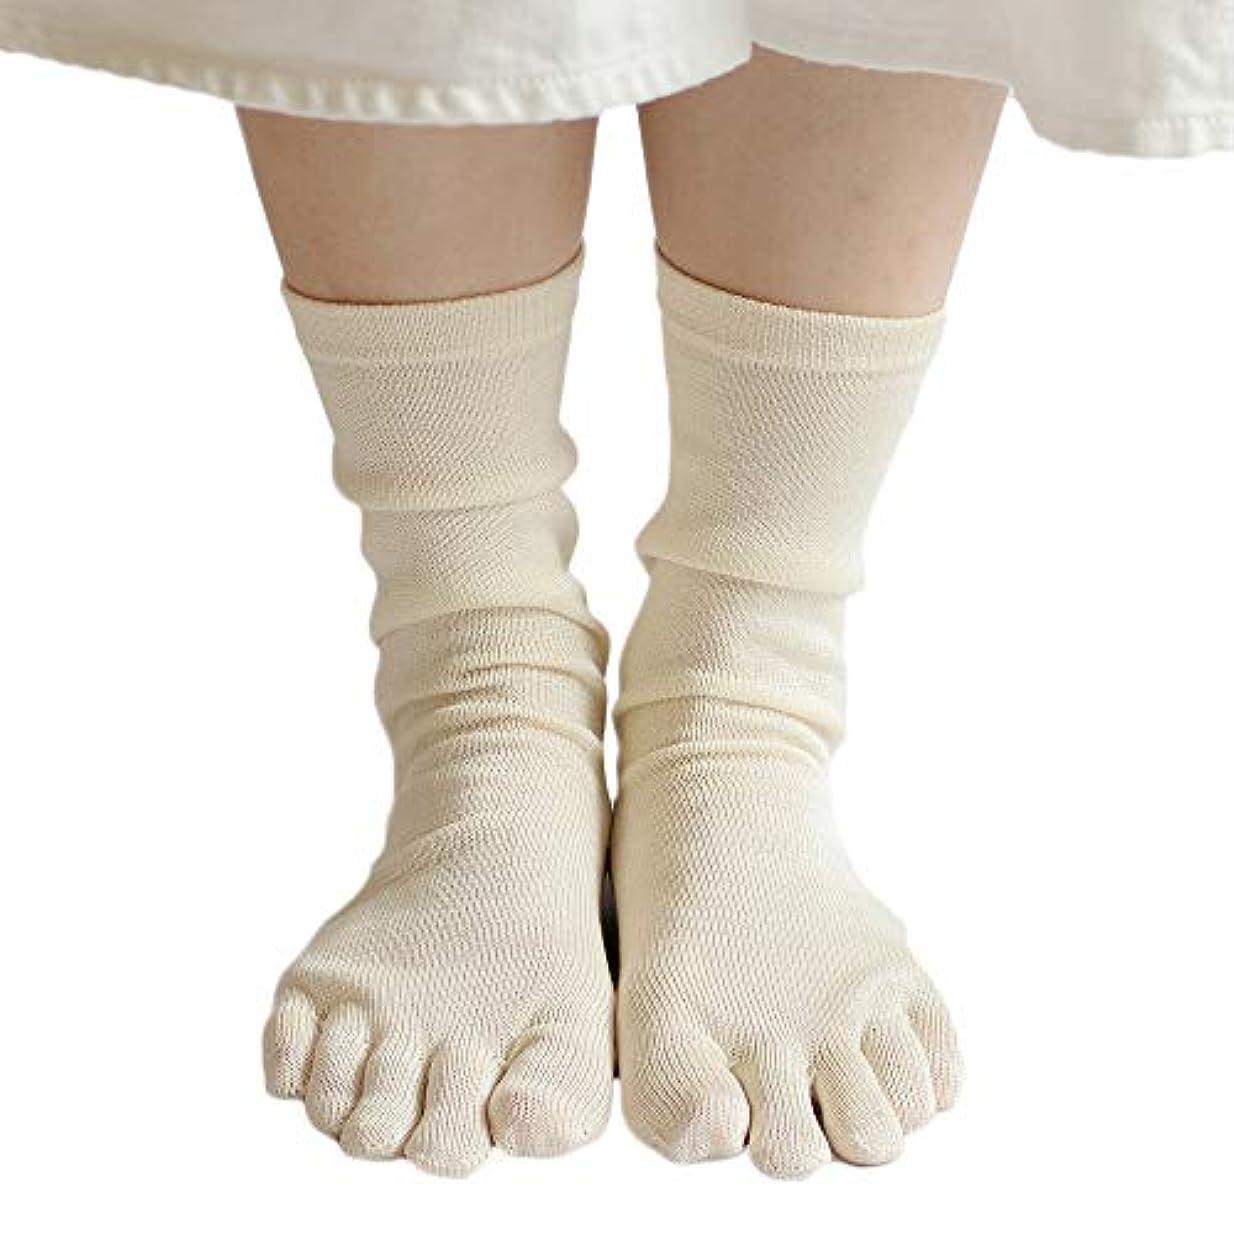 リーダーシップ病な作成するタイシルク 100% 五本指 ソックス 3足セット かかとあり 上質なシルクを100%使用した薄手靴下 重ね履きのインナーソックスや冷えとりに